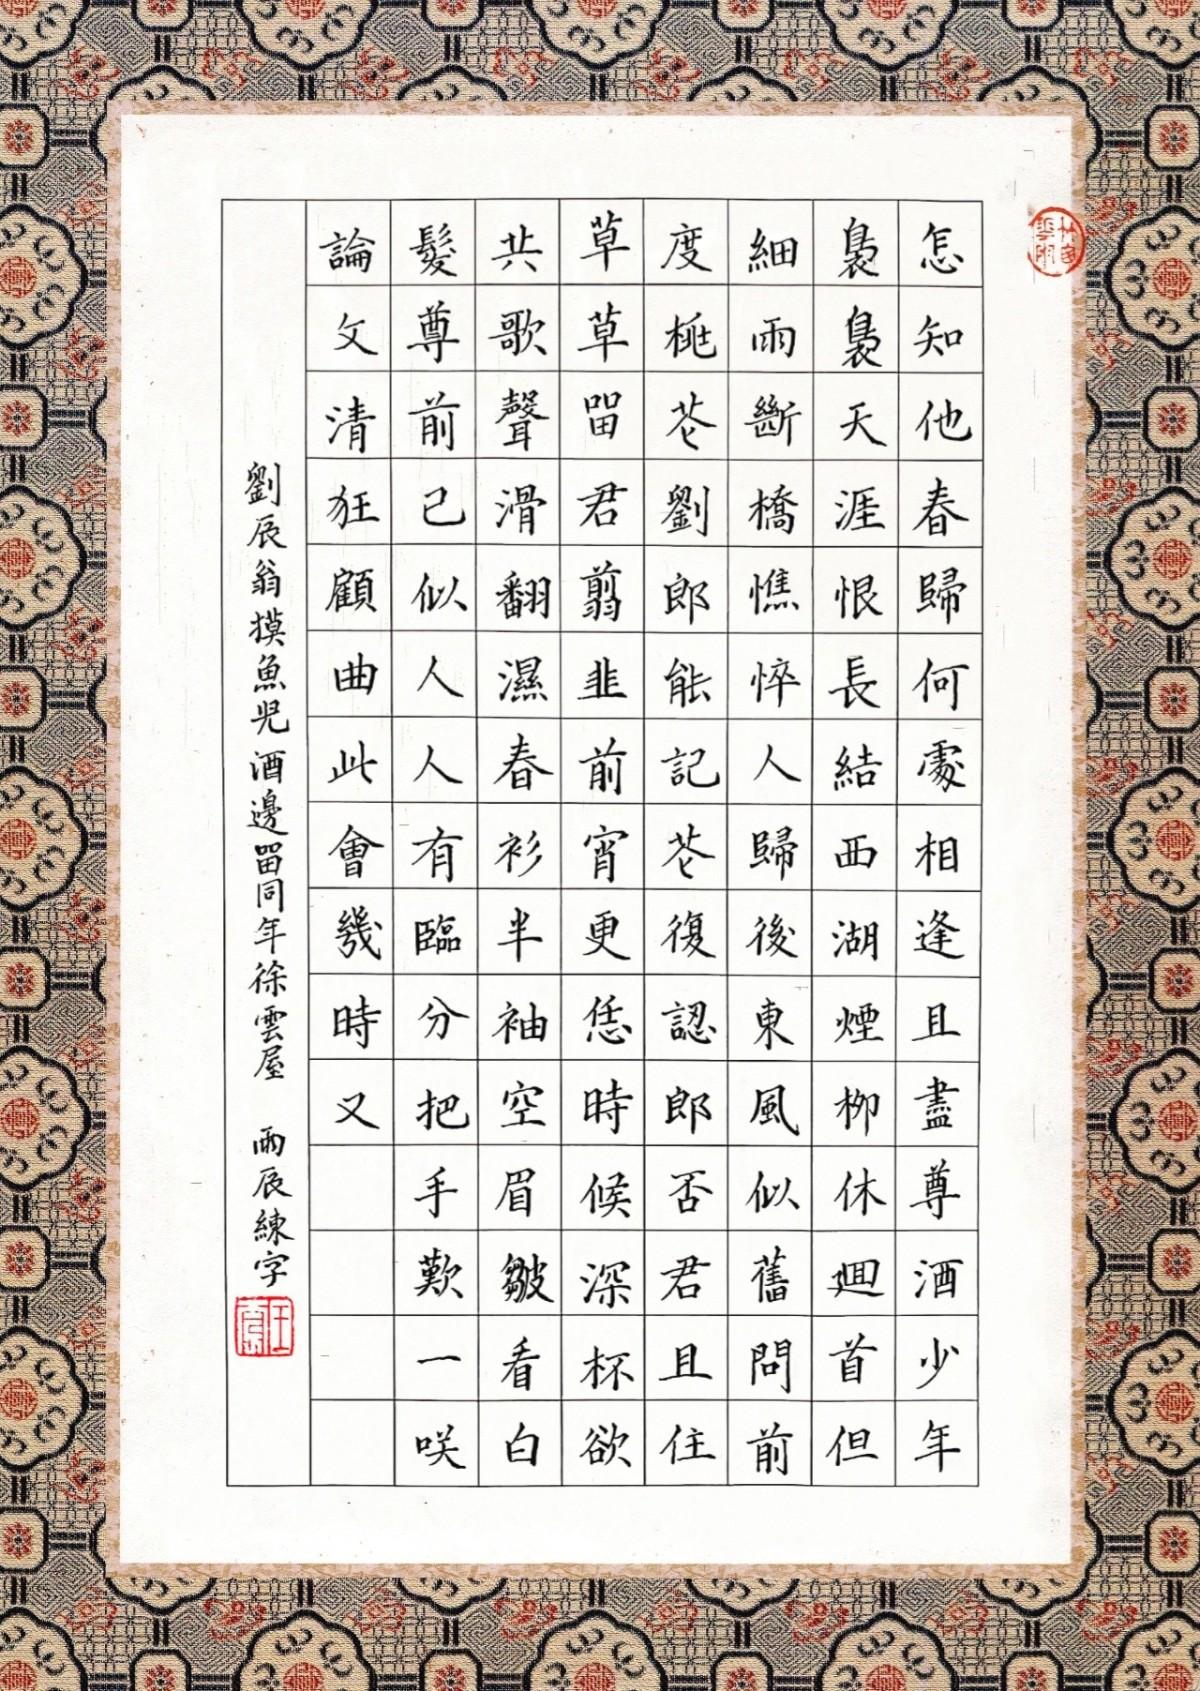 钢笔书法练字打卡20211012-33